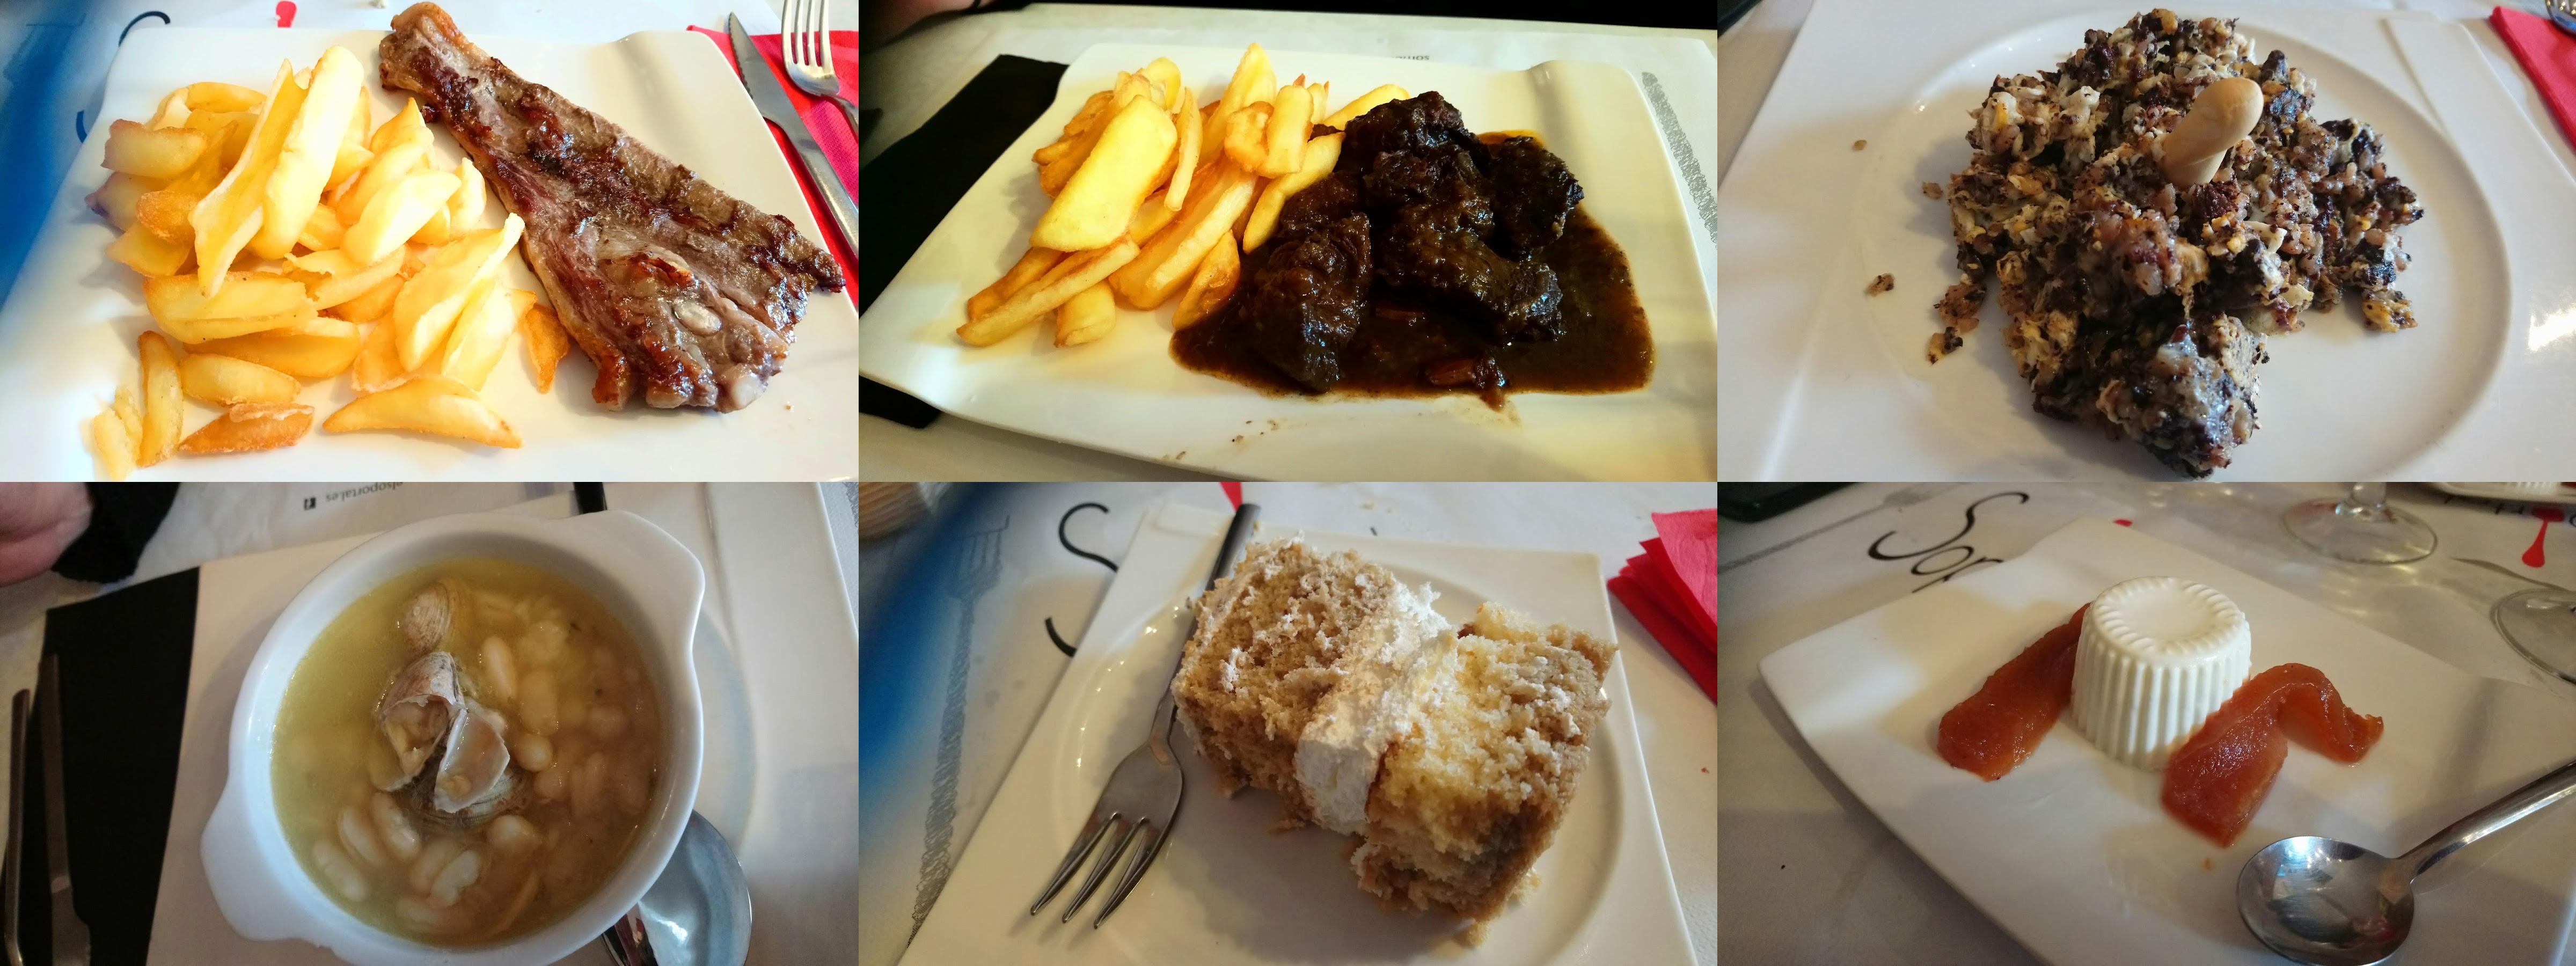 Dónde comer en Burgos